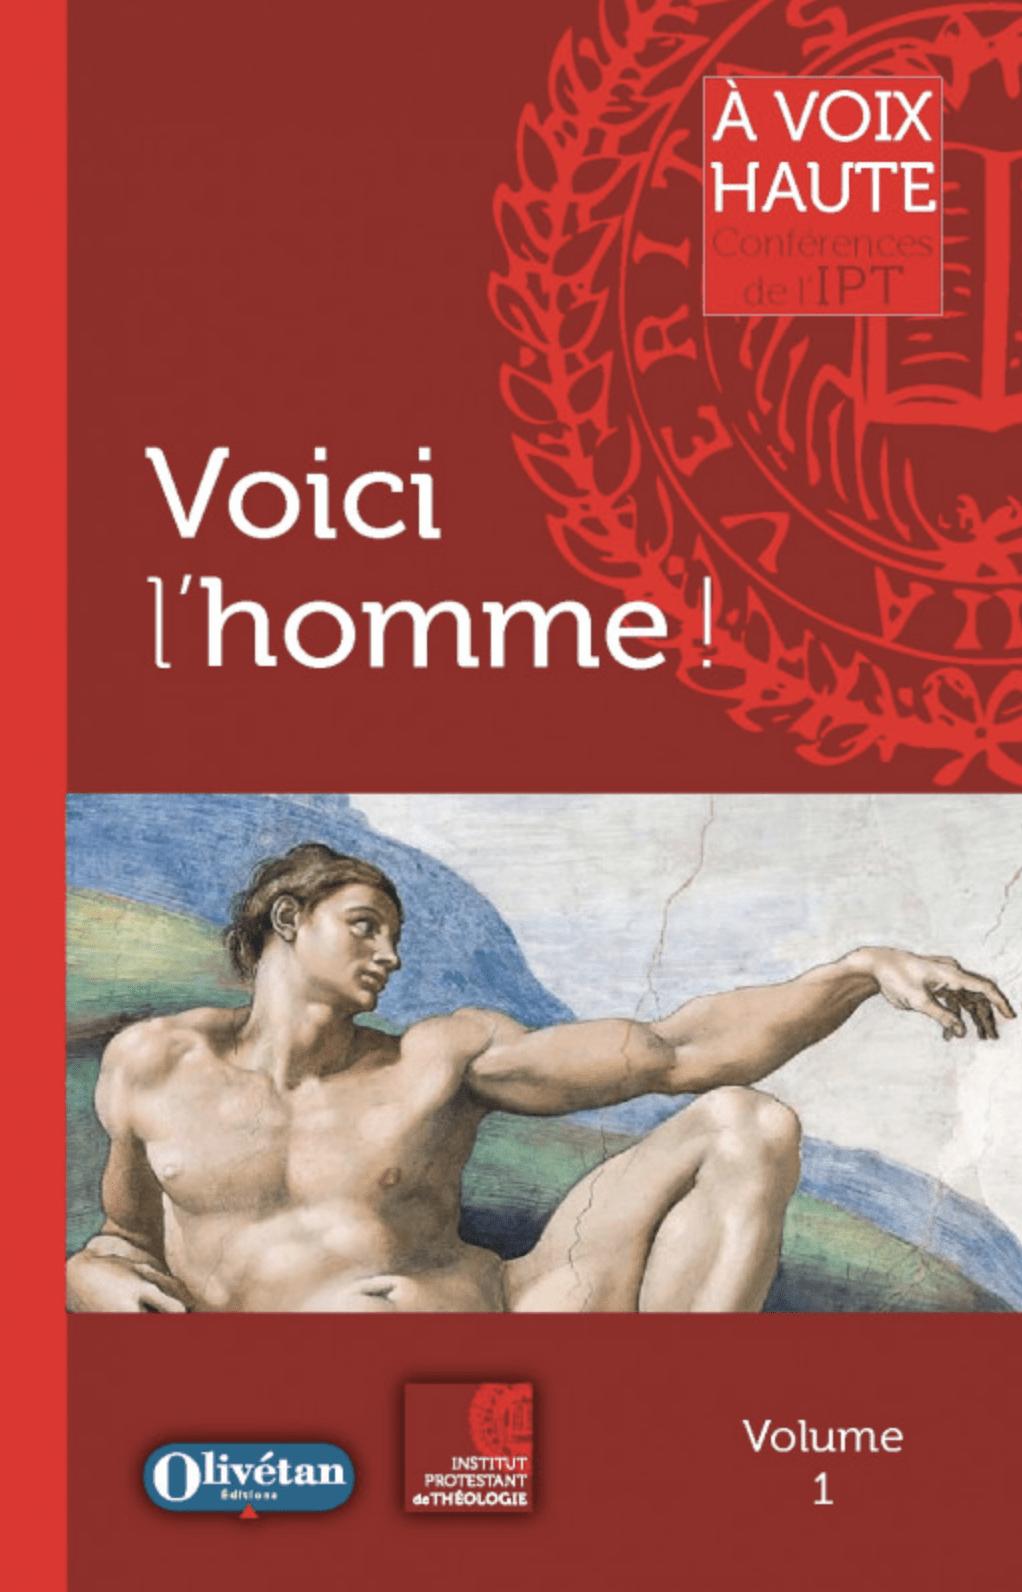 La collection À voix haute réunit des textes puisés aux multiples productions orales des enseignants et invités de l'Institut protestant de théologie.